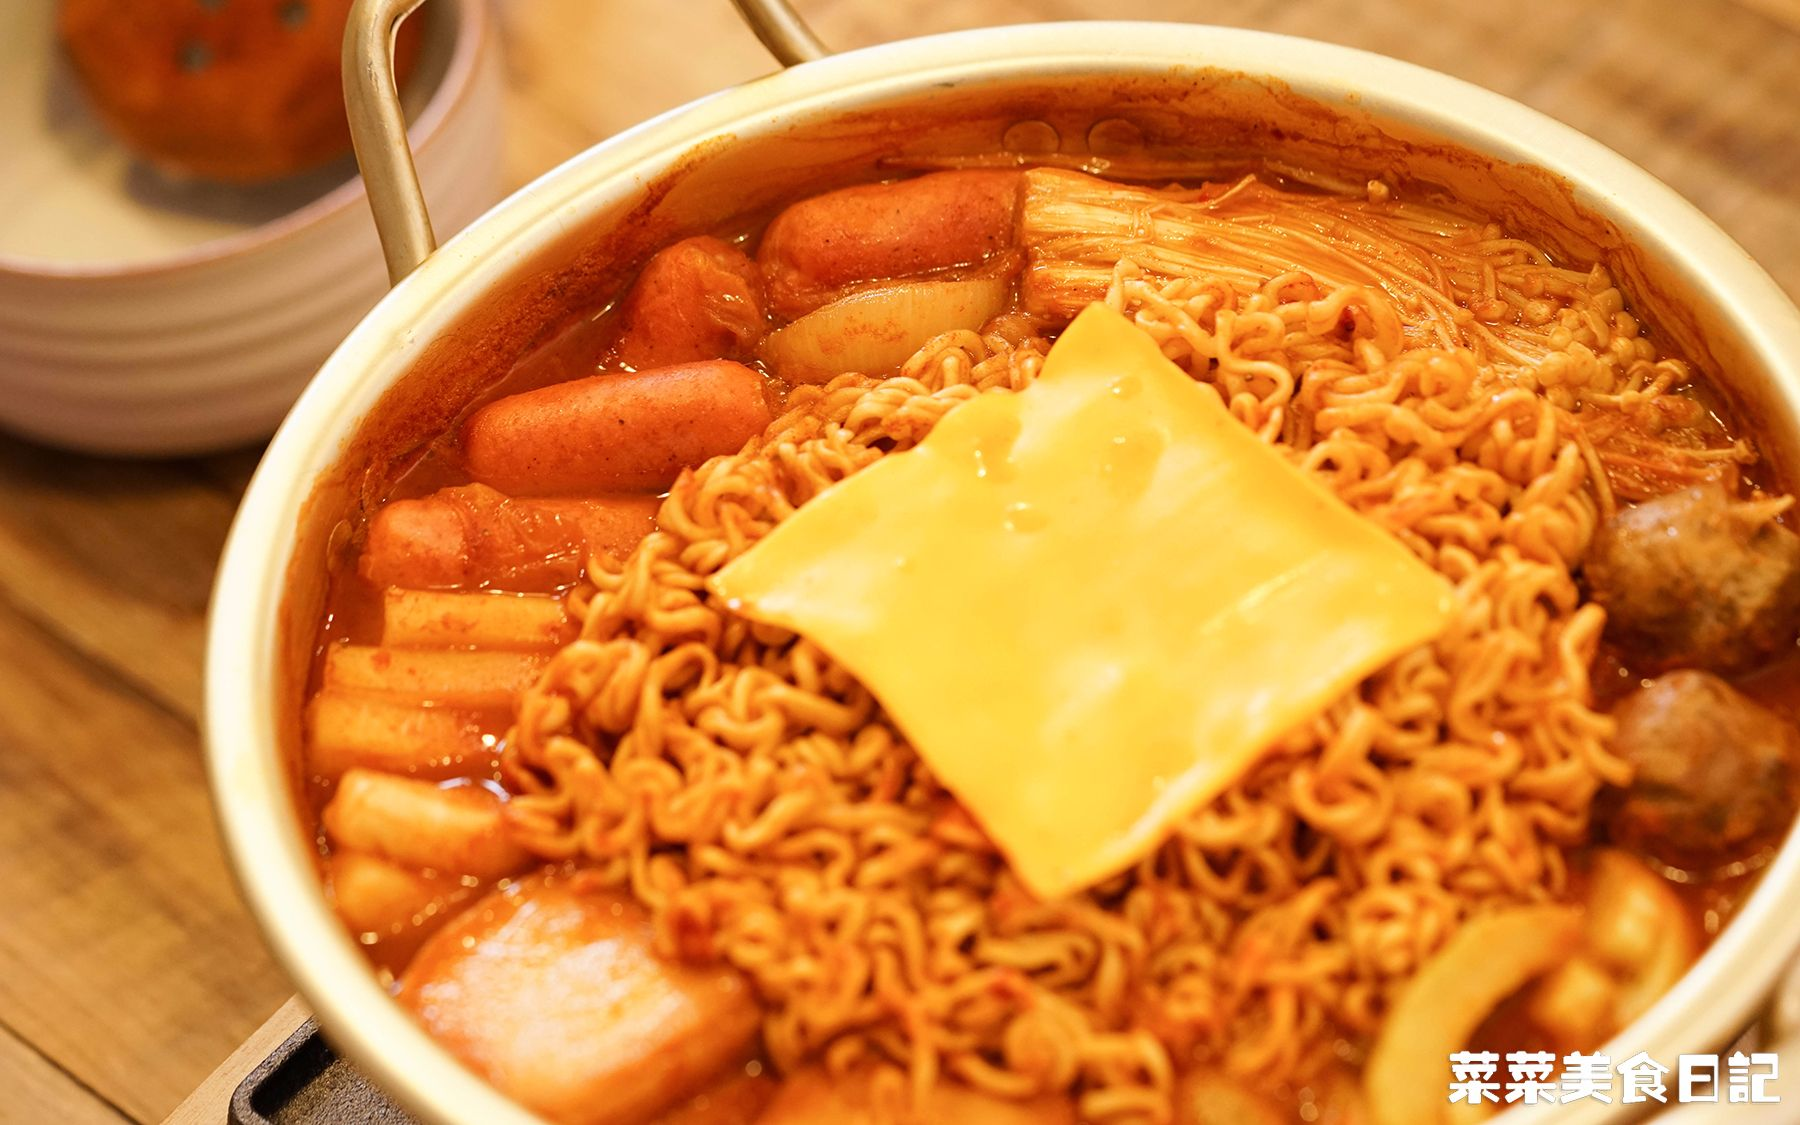 【部队火锅】泡面最丰盛的吃法!随便煮都好吃